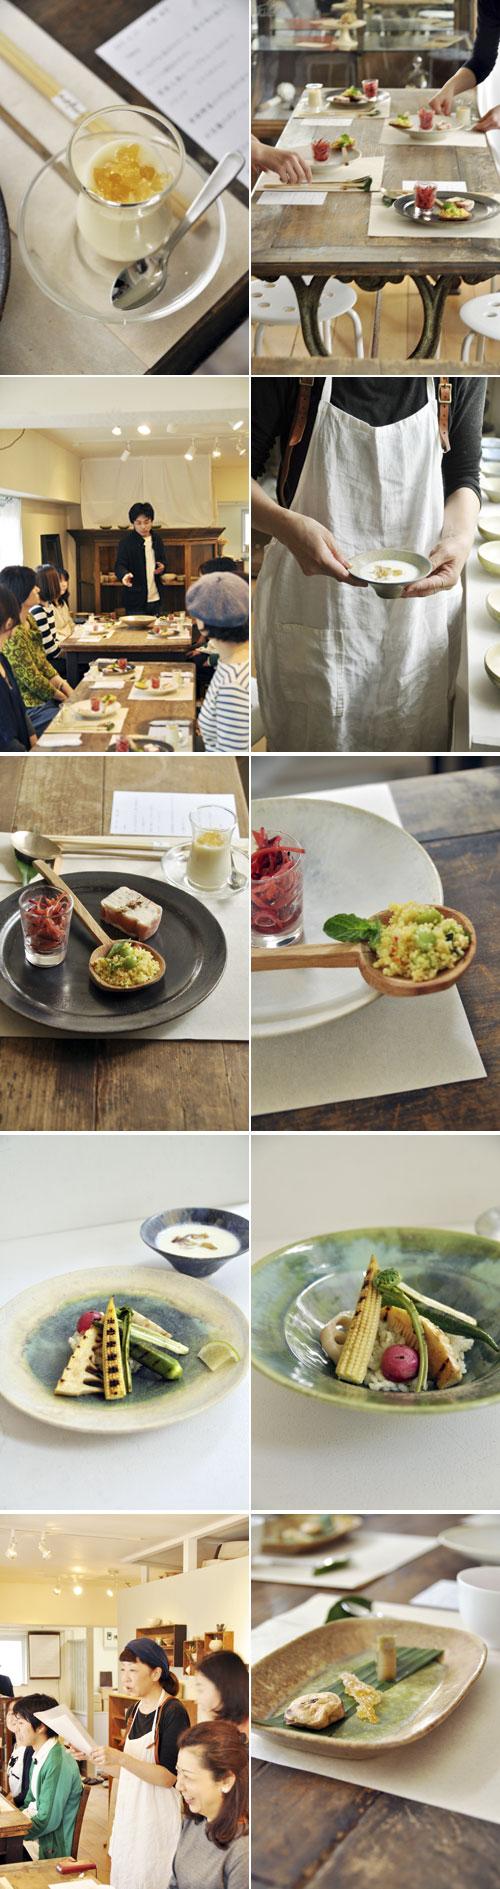 中園さんの器を使ったお食事会風景_d0023111_16295955.jpg